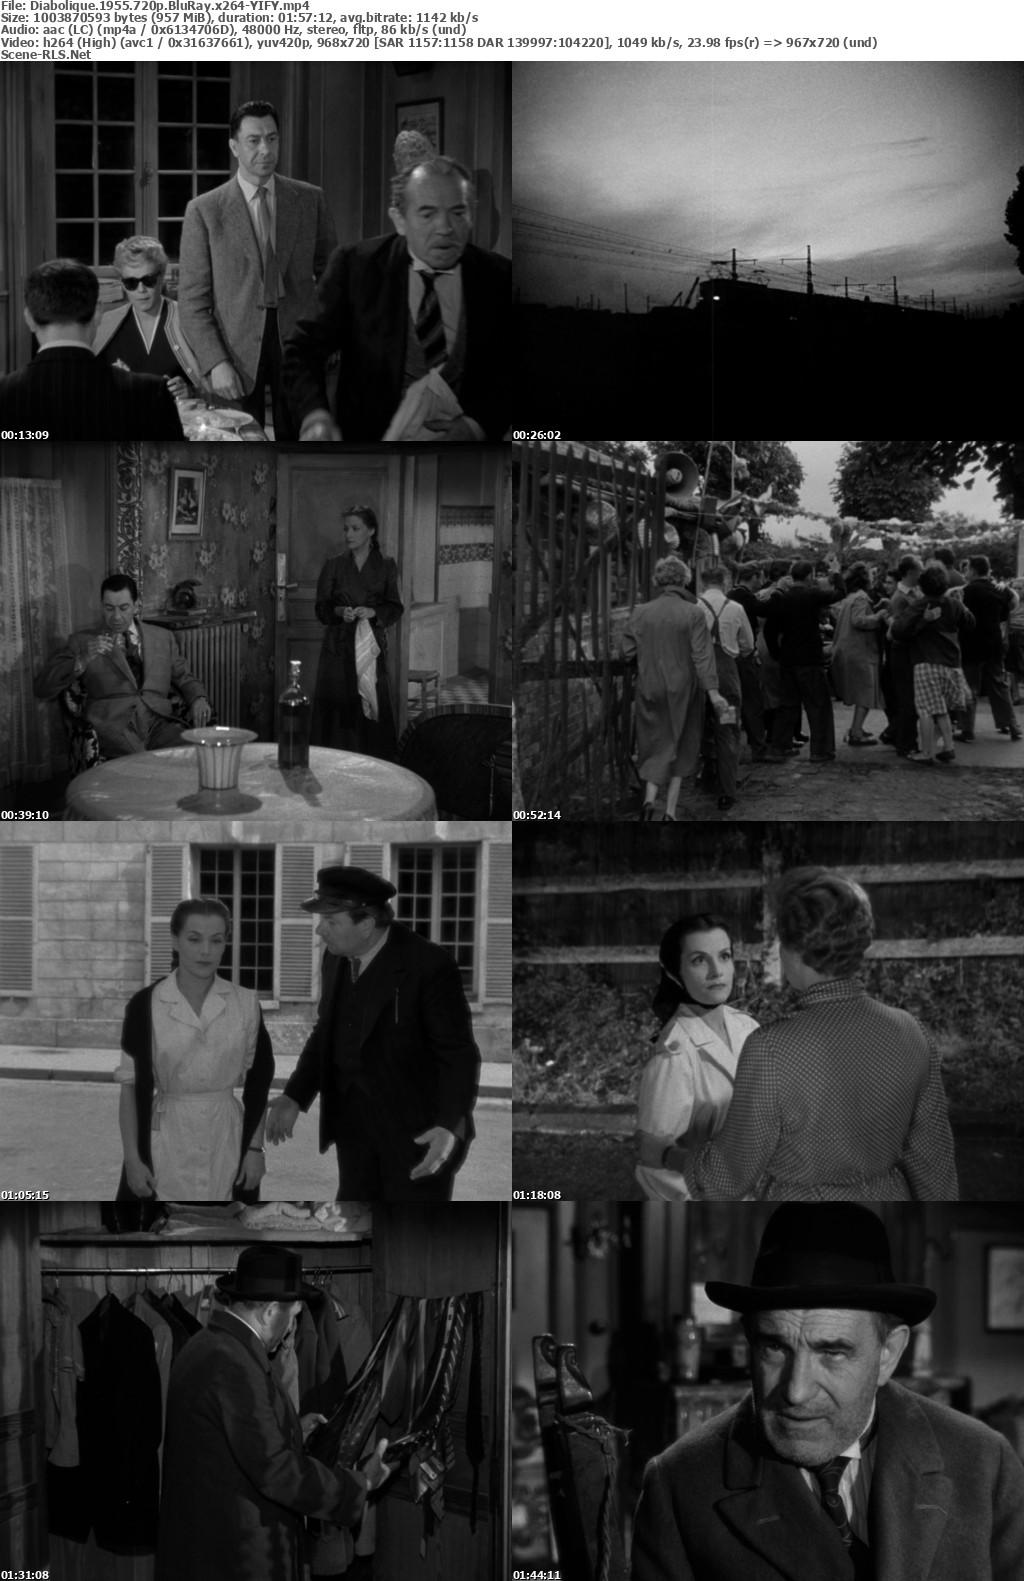 Diabolique 1955 720p BluRay x264-YIFY - Scene Release